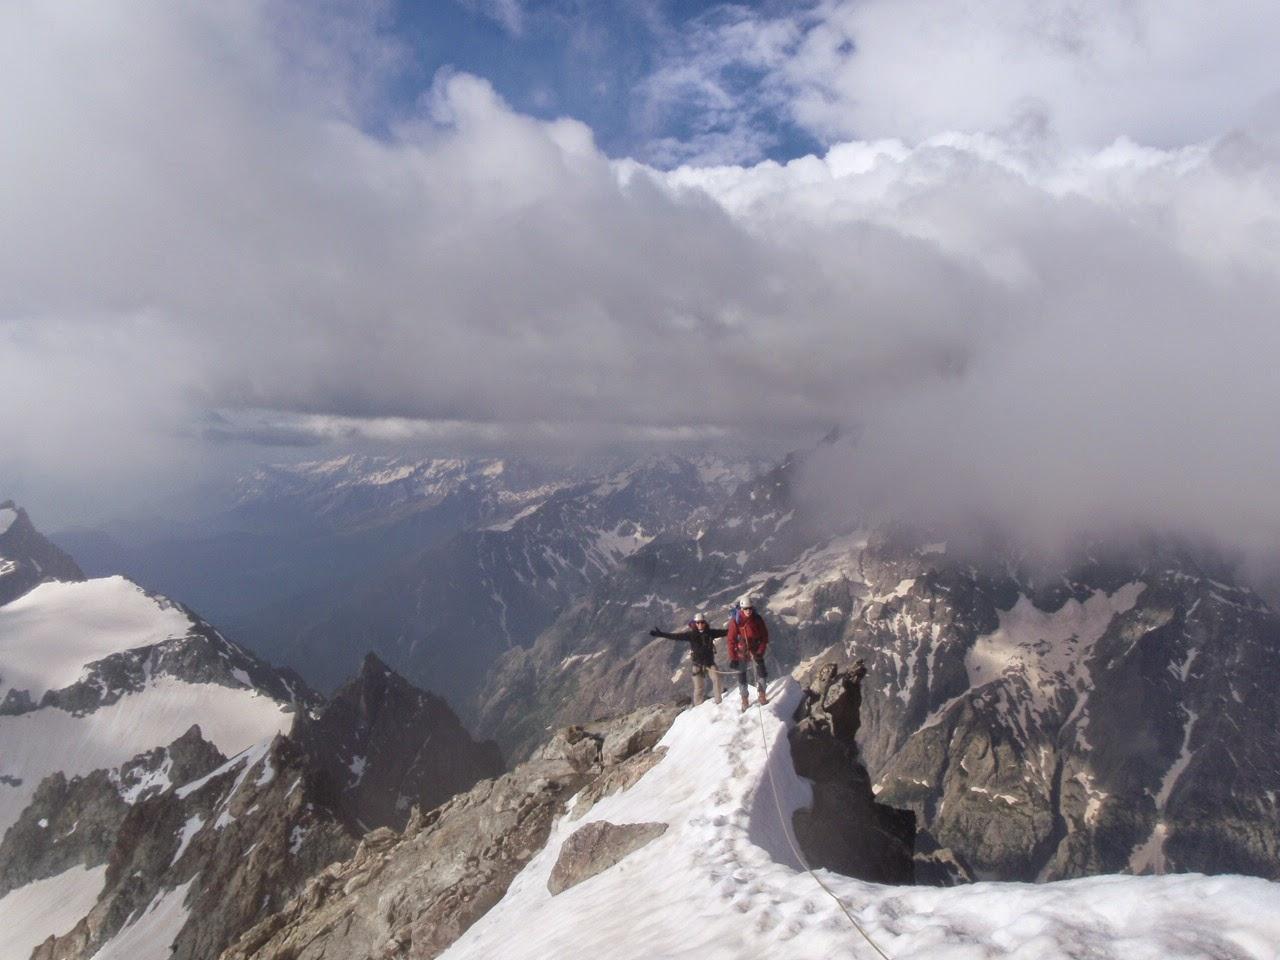 Ascension d'une course en montagne des Agneaux dans les Écrins en alpinisme